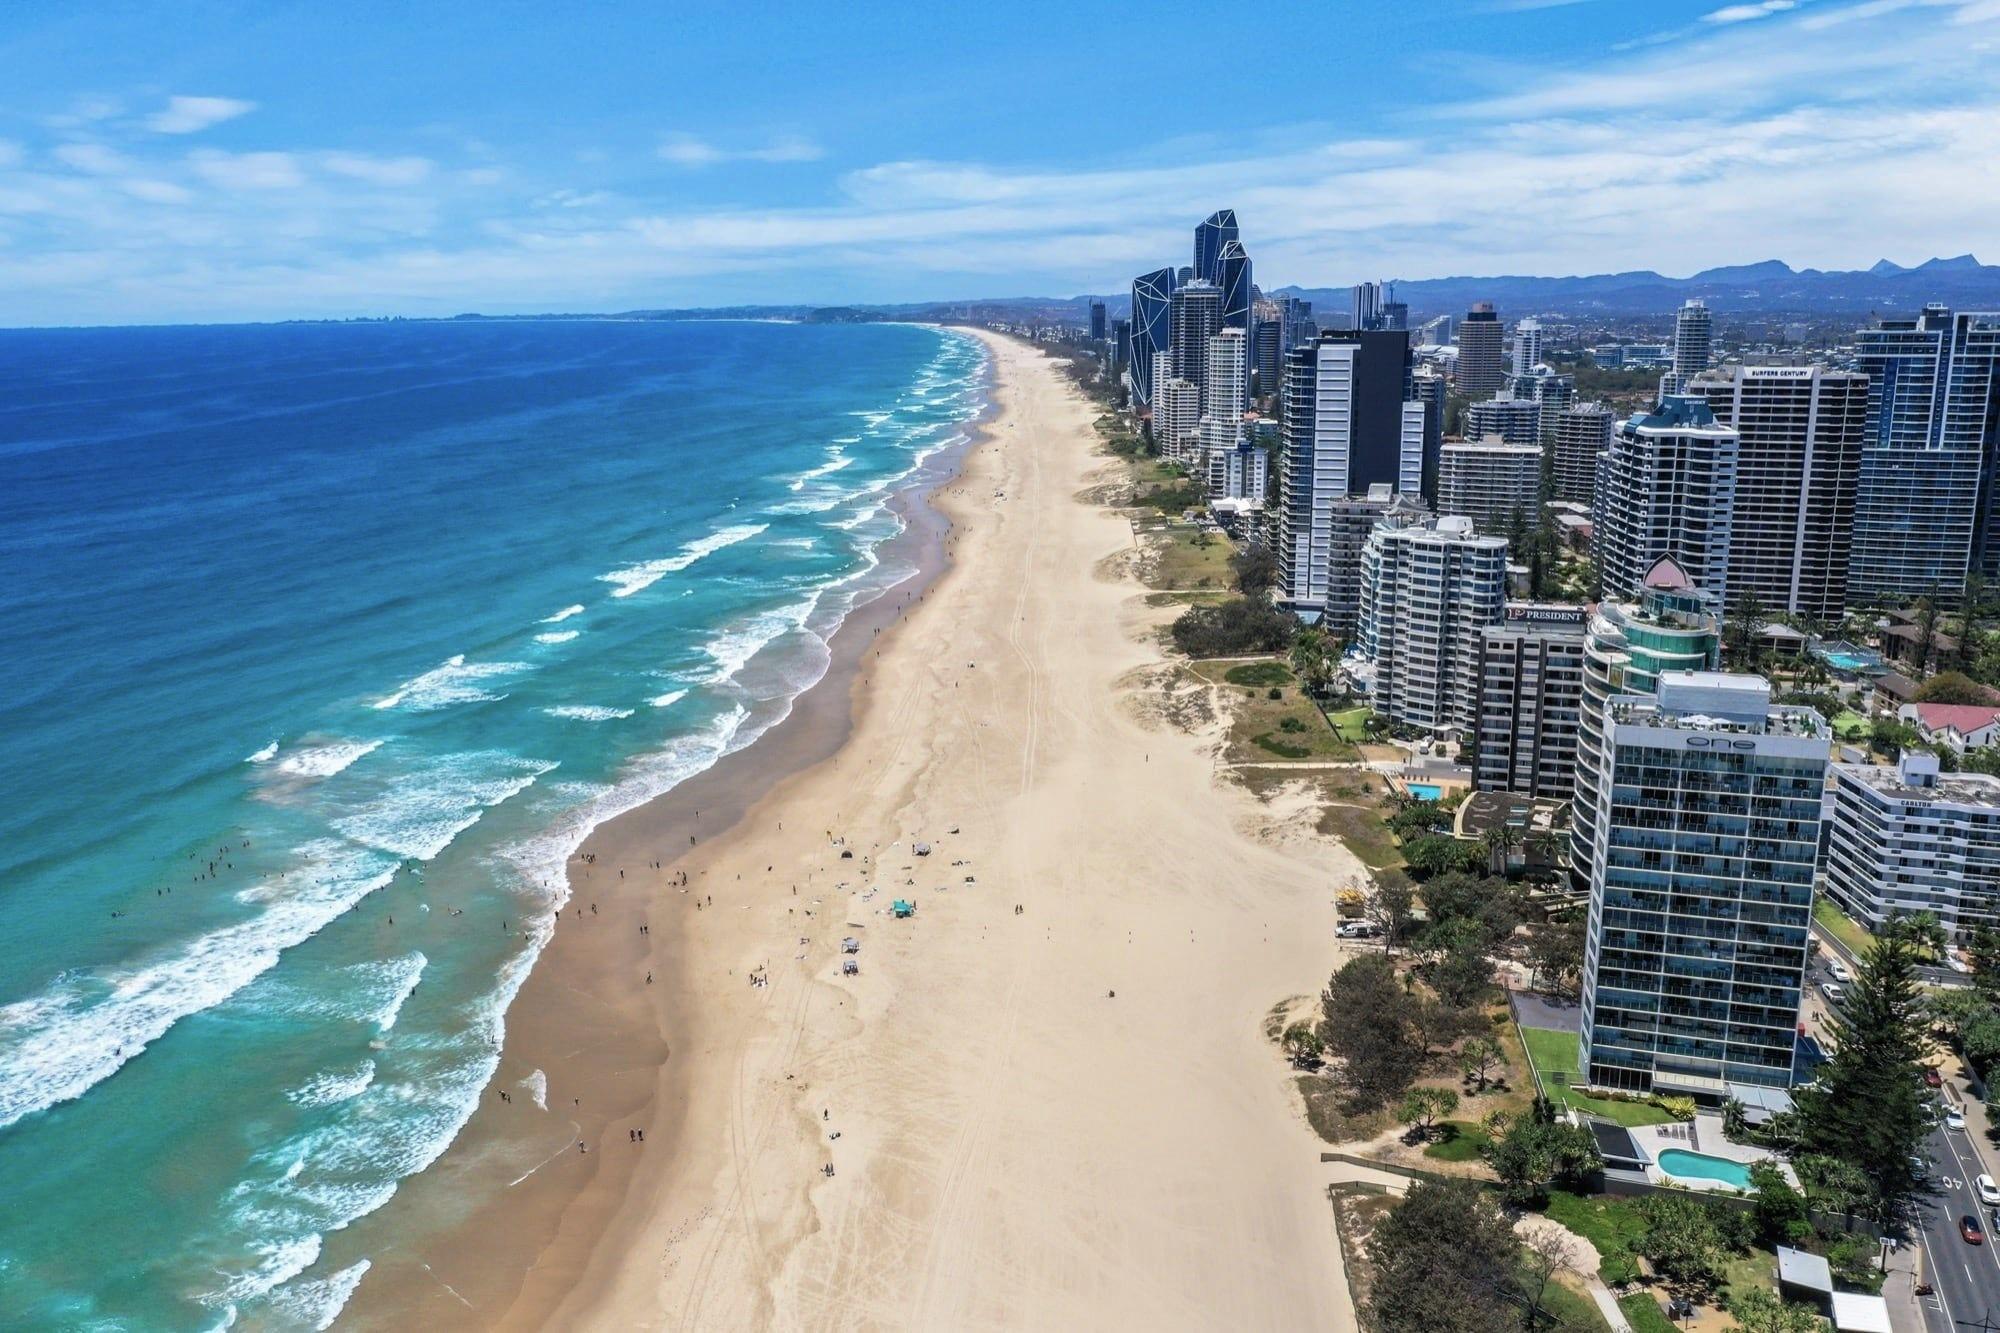 $600M Surfers Paradise development announced